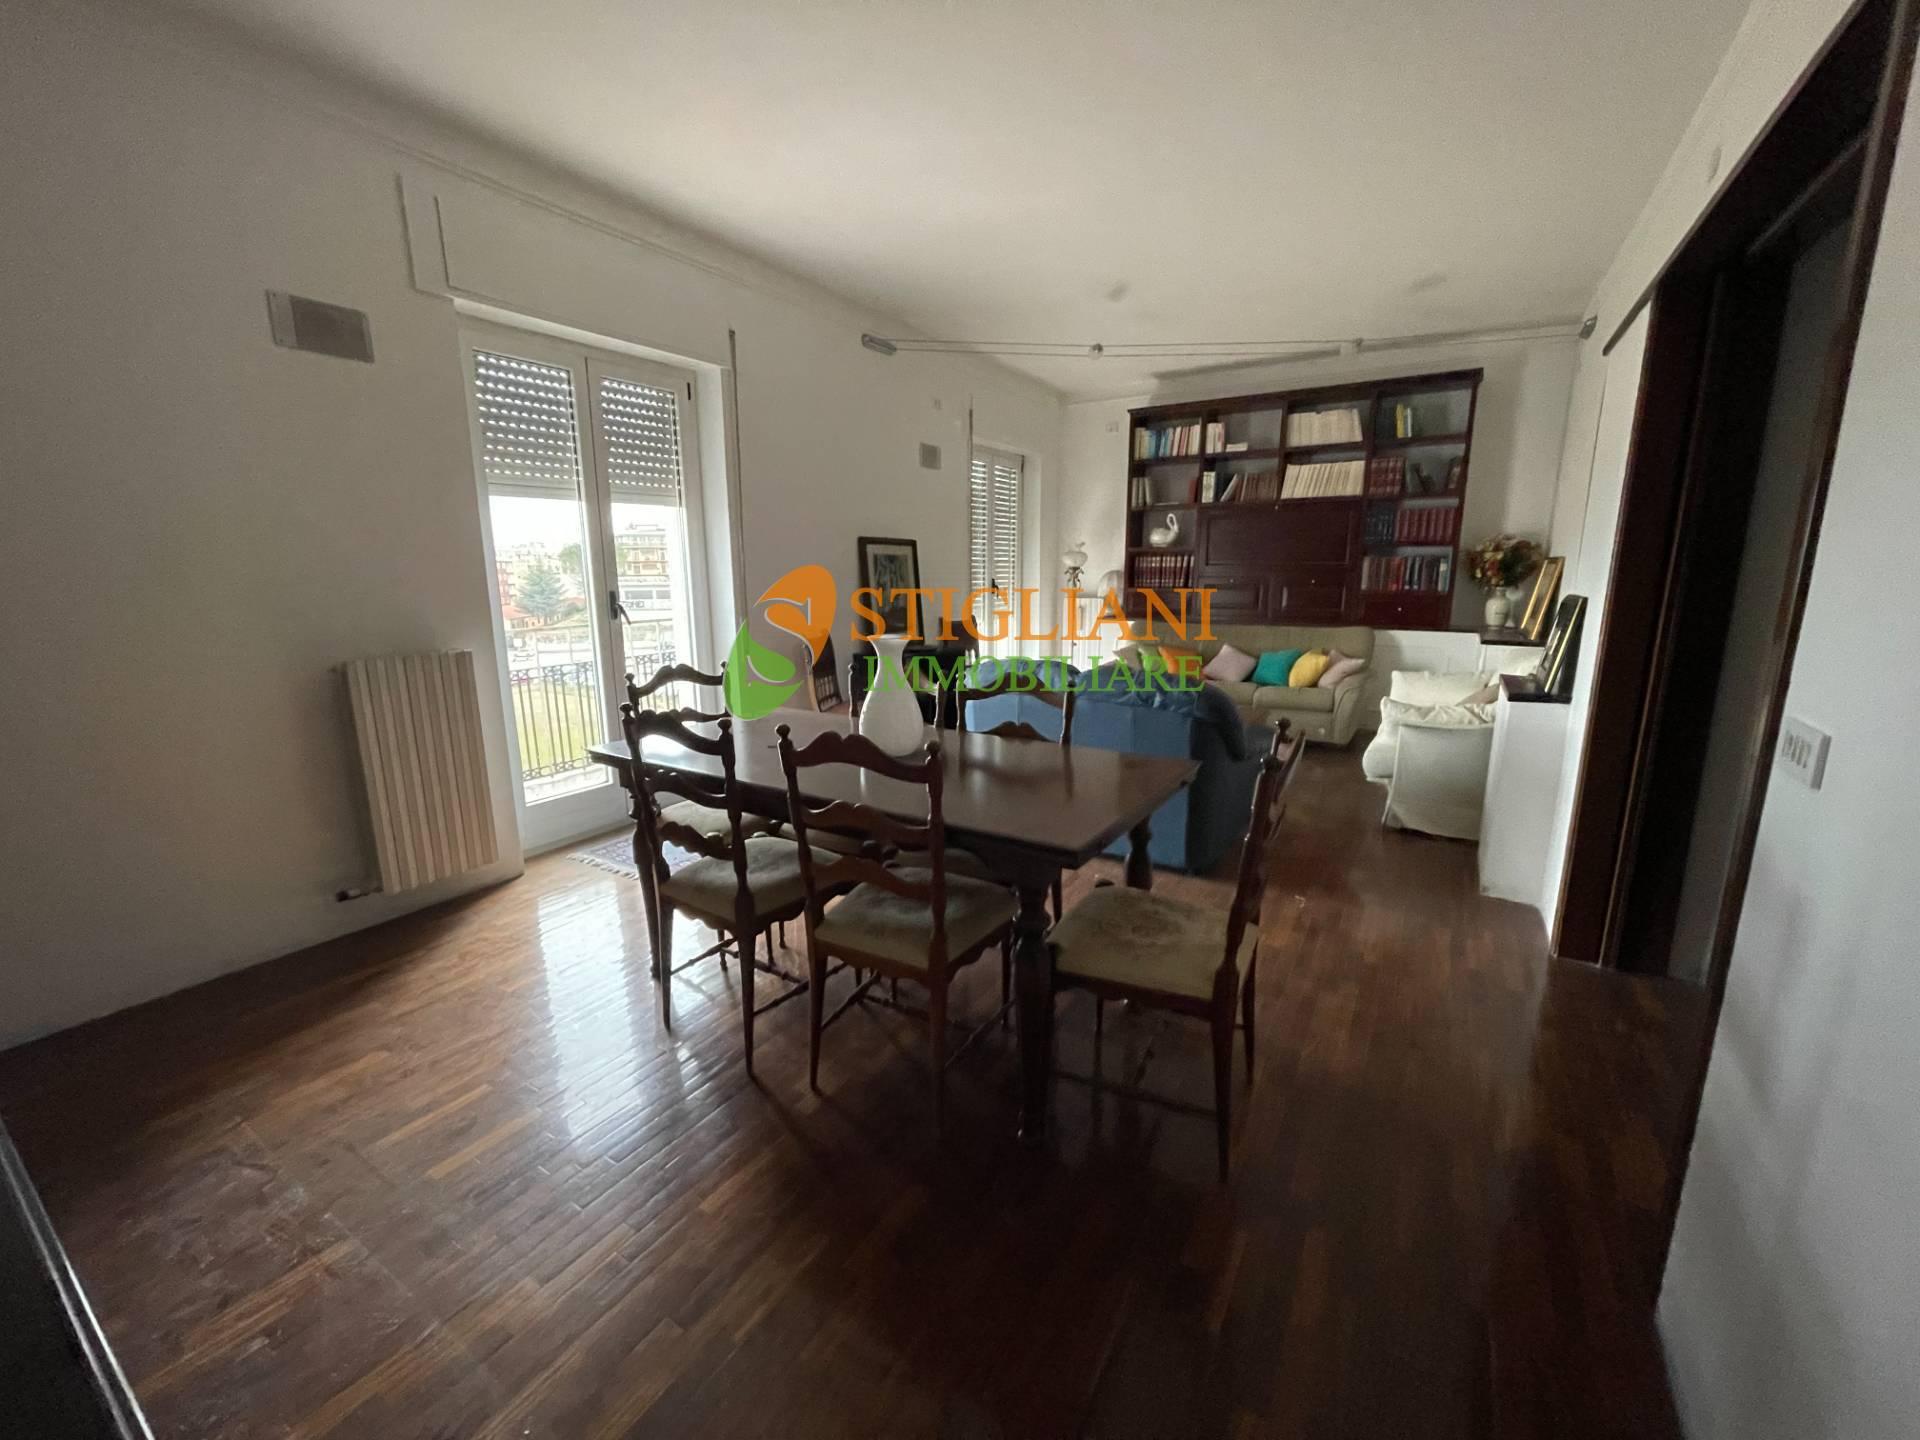 Appartamento in vendita a Campobasso, 5 locali, zona ro, prezzo € 155.000 | PortaleAgenzieImmobiliari.it